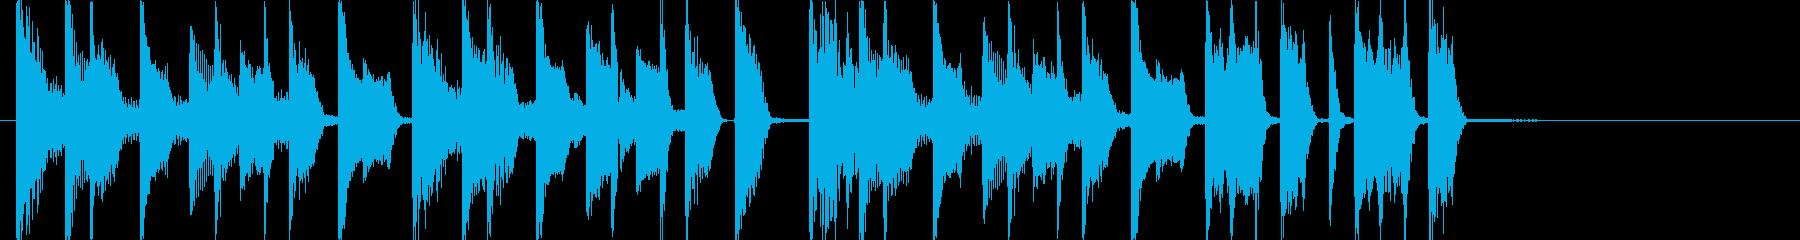 お洒落でファッショナブルなアイキャッチの再生済みの波形